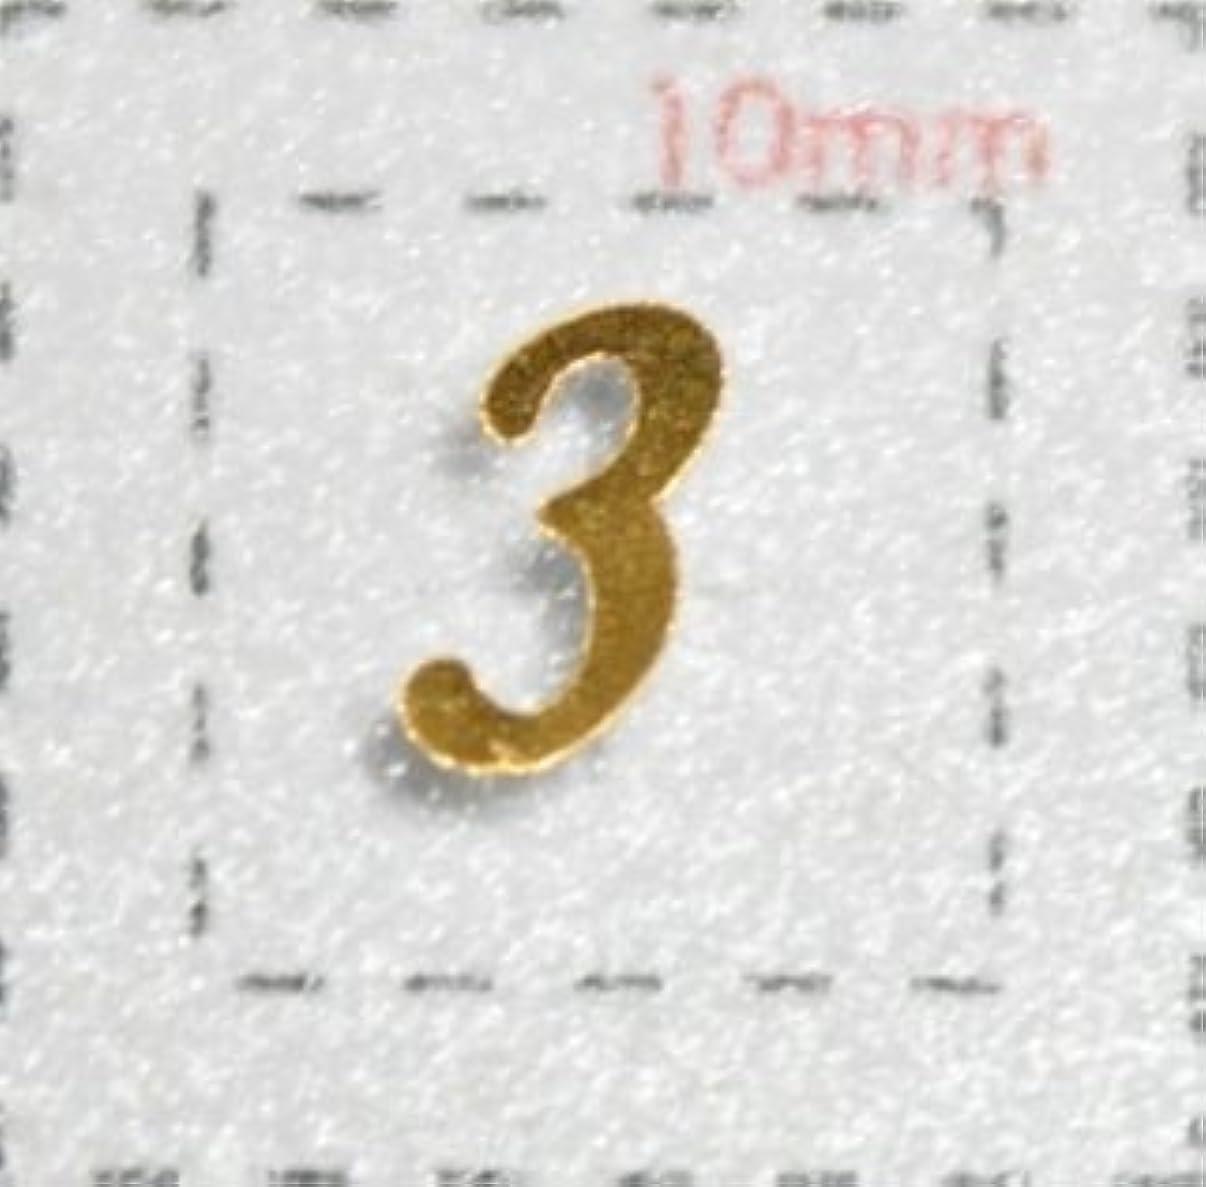 マチュピチュ定義垂直【数字ネイルシール】1筆記体《3》ゴールド/1シート9枚